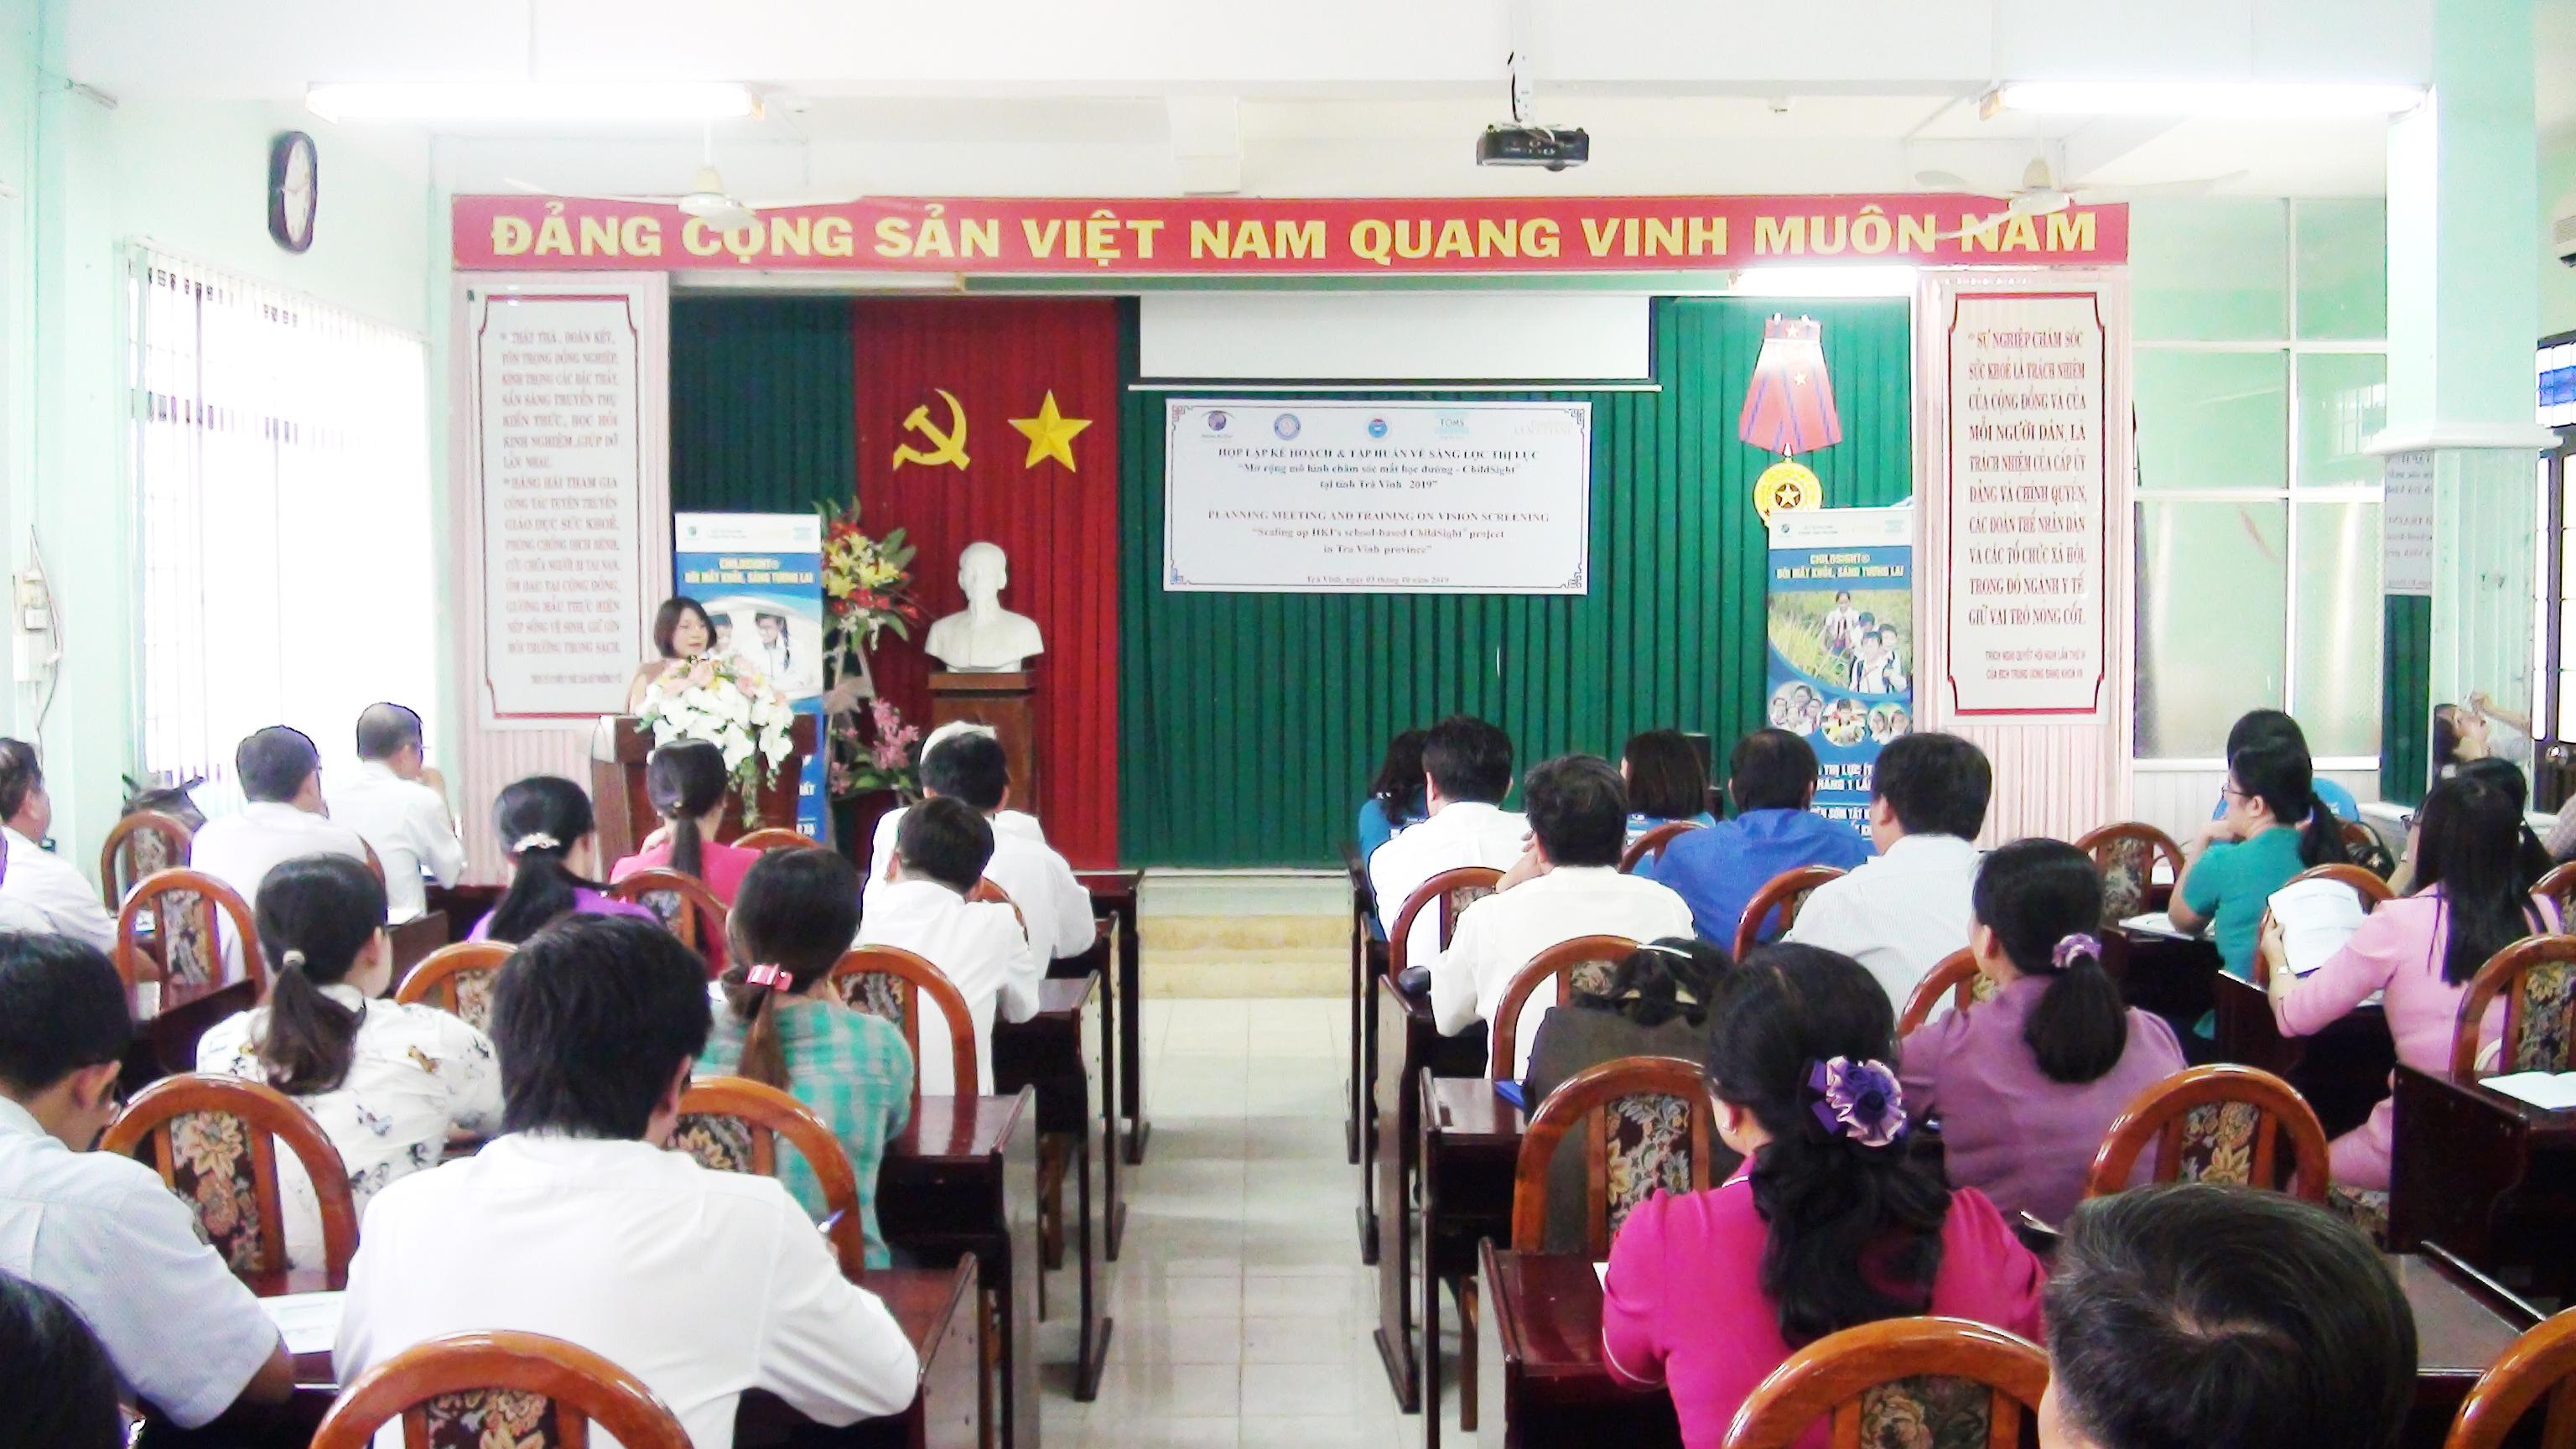 """Hội nghị triển khai, tập huấn về sàng lọc thị lực """" Mở rộng mô hình chăm sóc mắt học đường"""" tại tỉnh Trà Vinh năm 2019."""